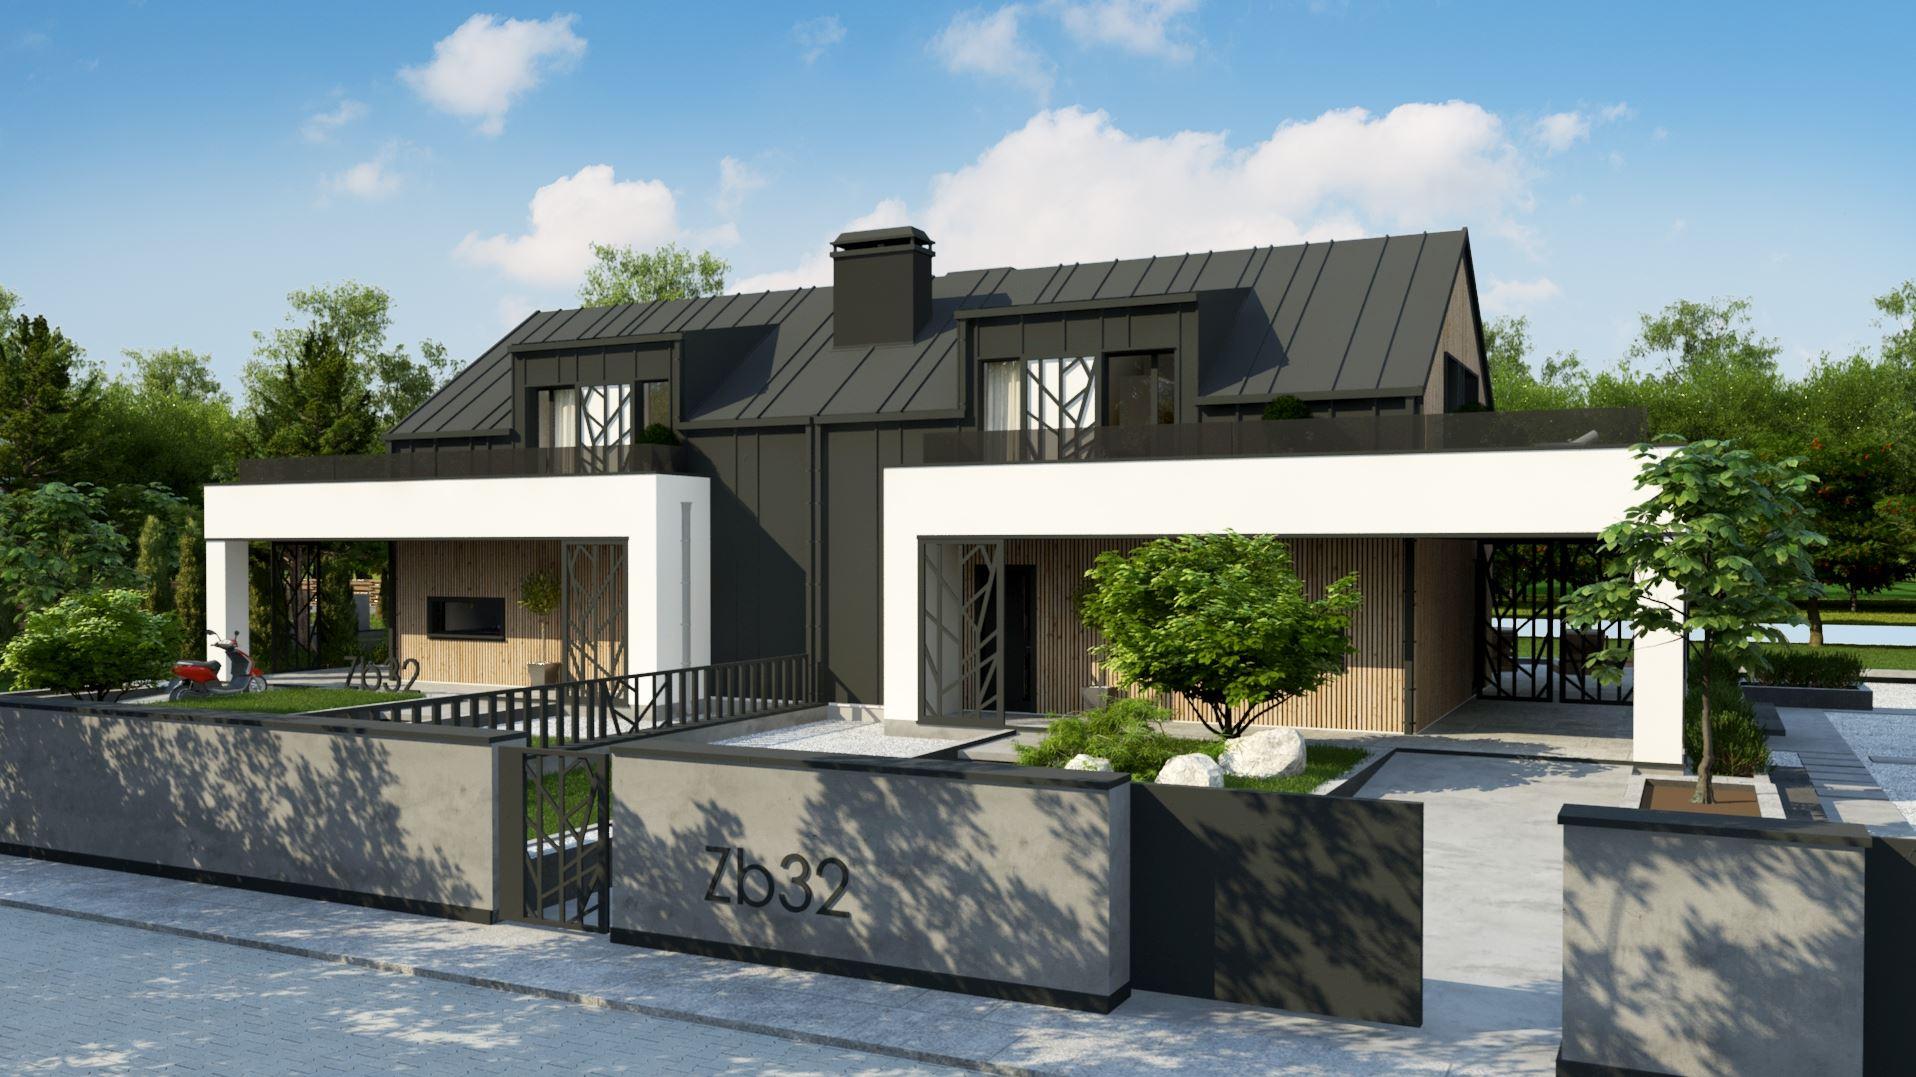 wizualizacje bliźniaków oba domy w ujęciu od frontu